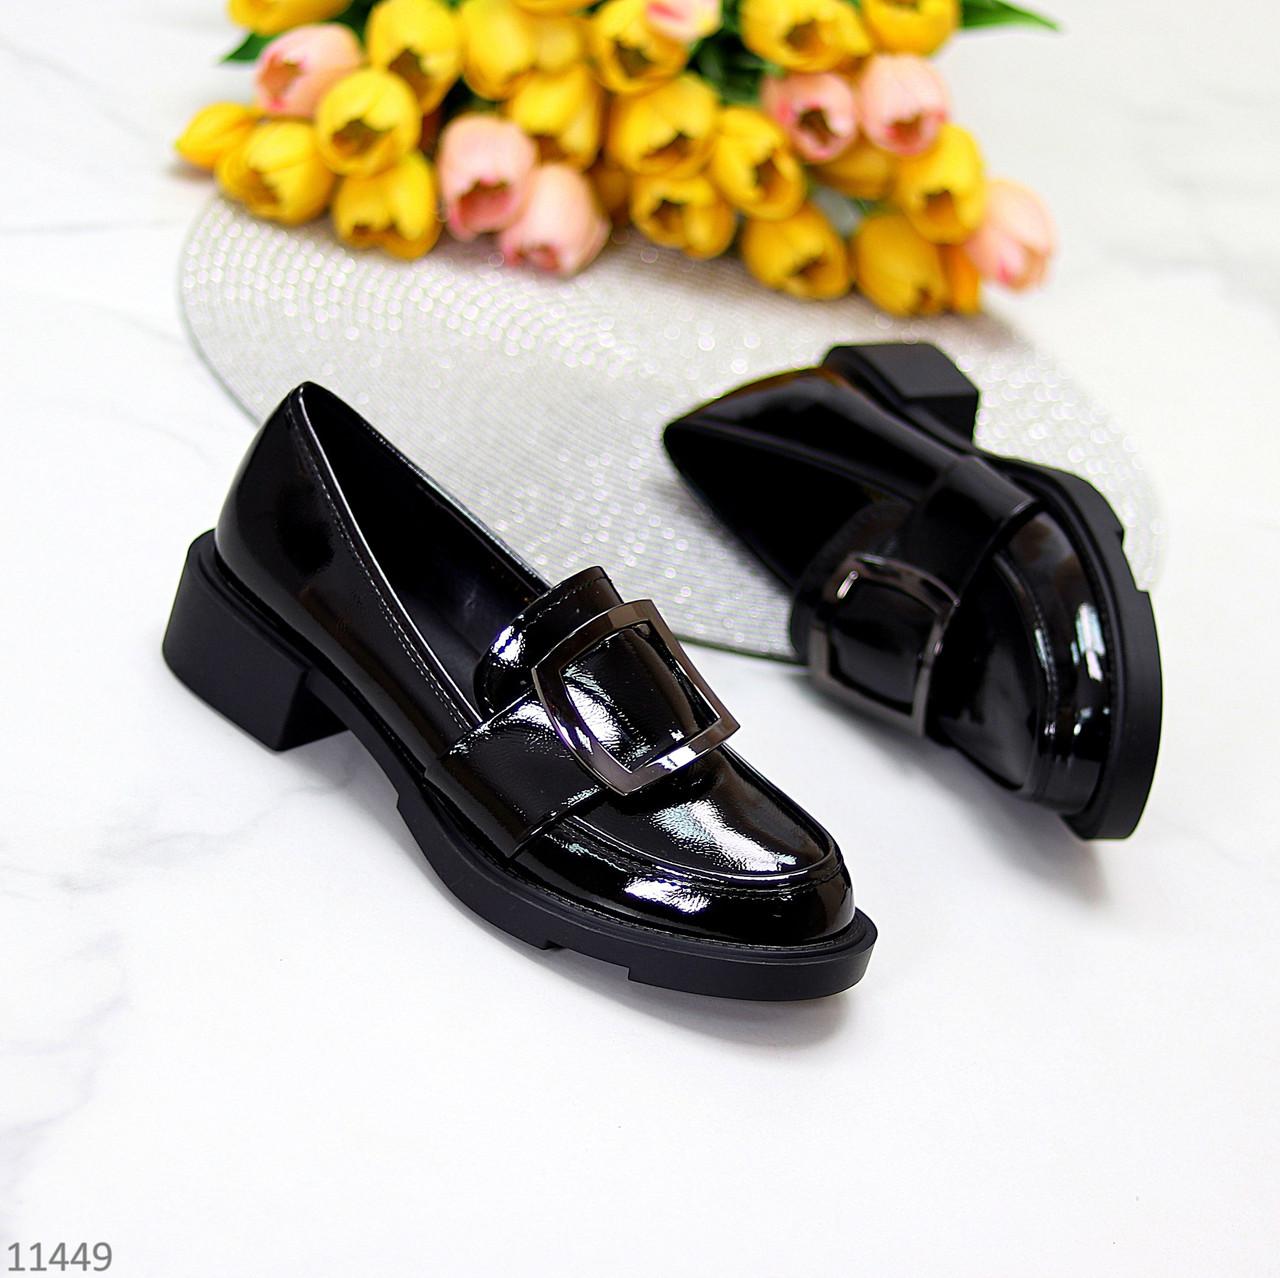 Жіночі туфлі чорні повсякденні з декором еко лак